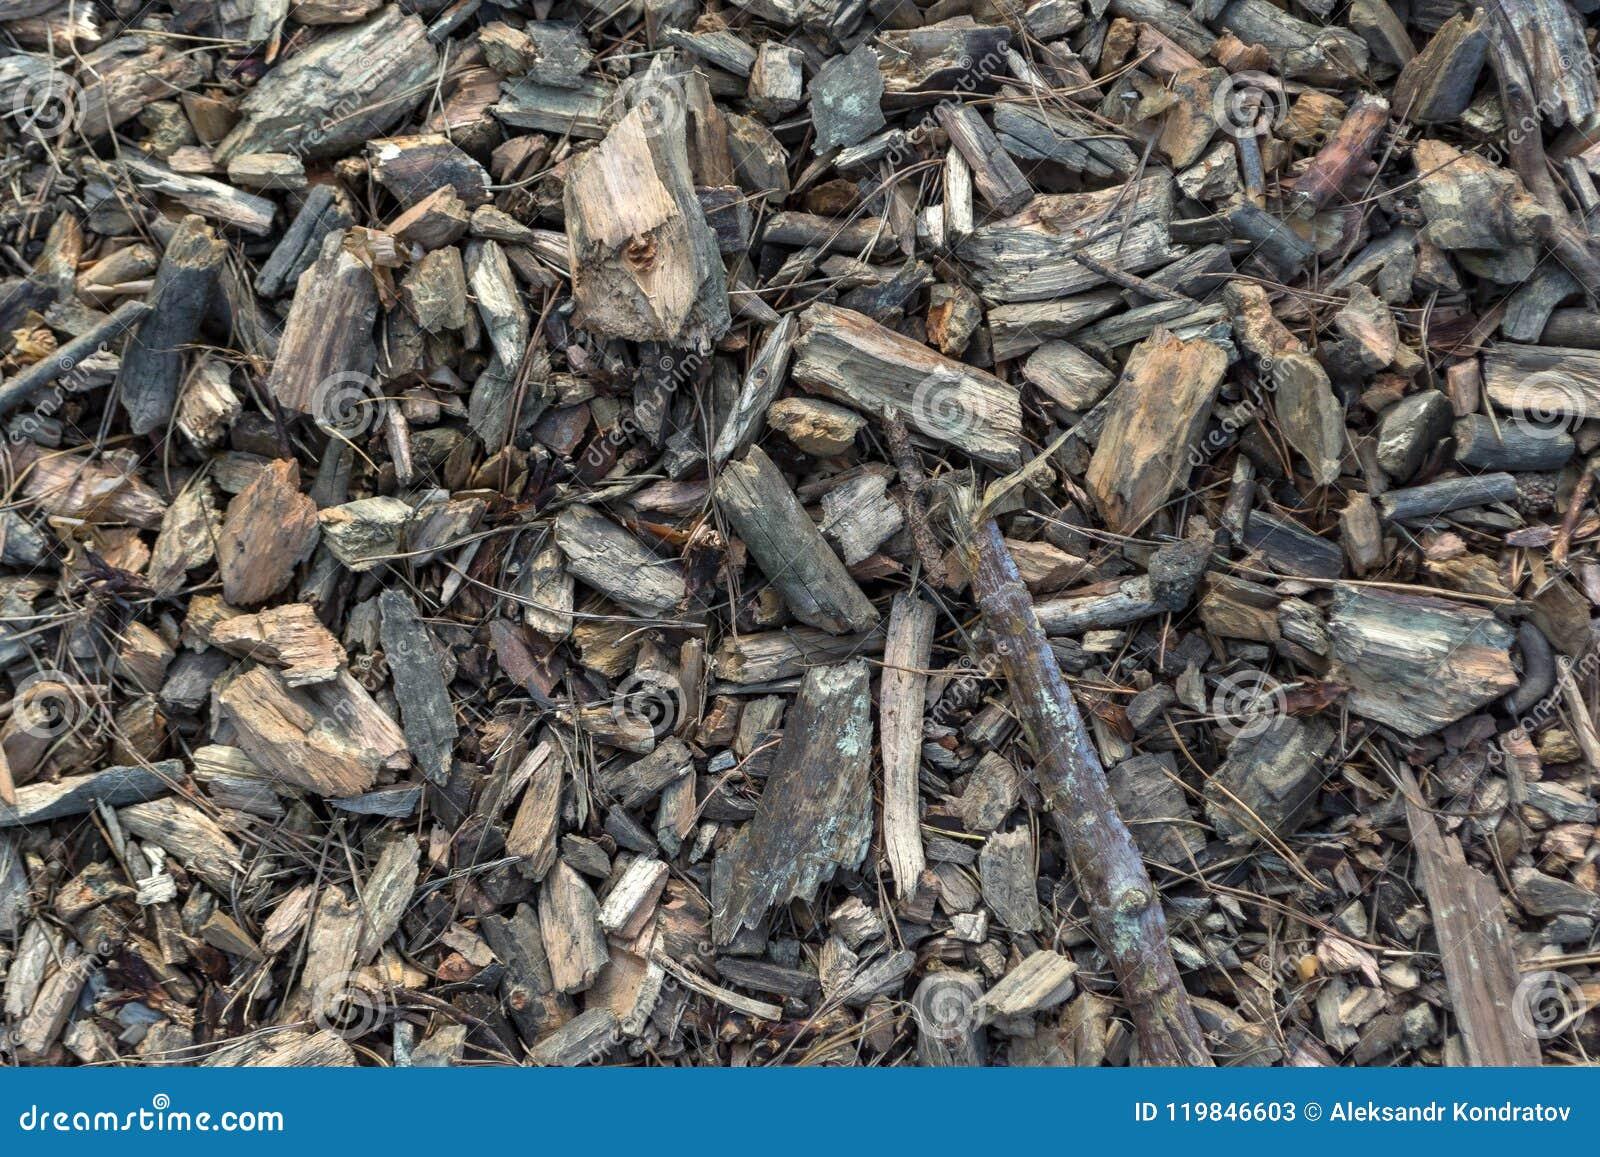 木片混合物的顶视图